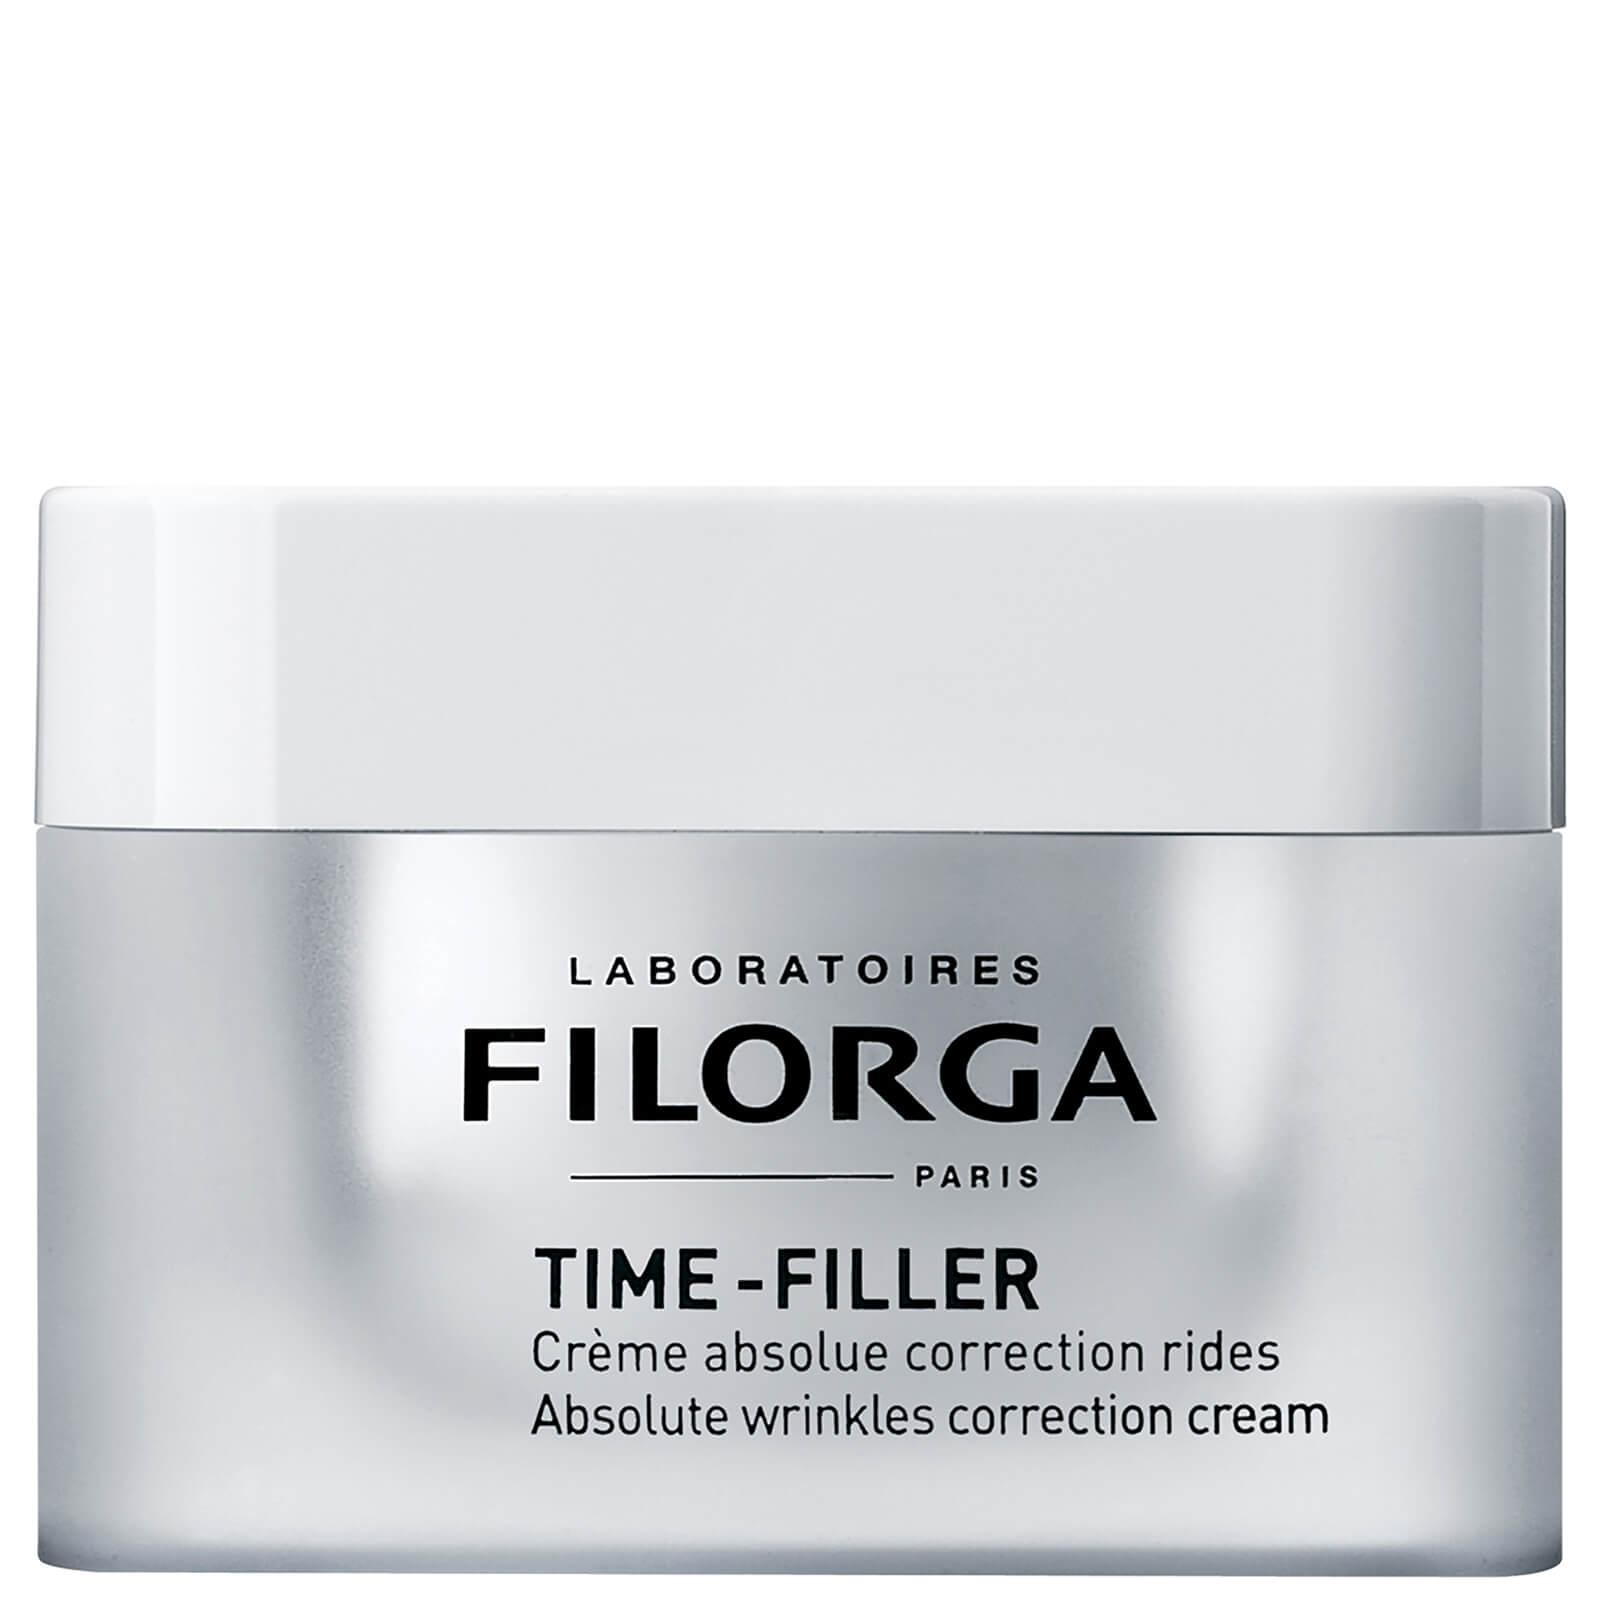 【Filorga】Time Filler菲洛嘉时光逆龄紧致滋润面霜3for2+折上10%OFF